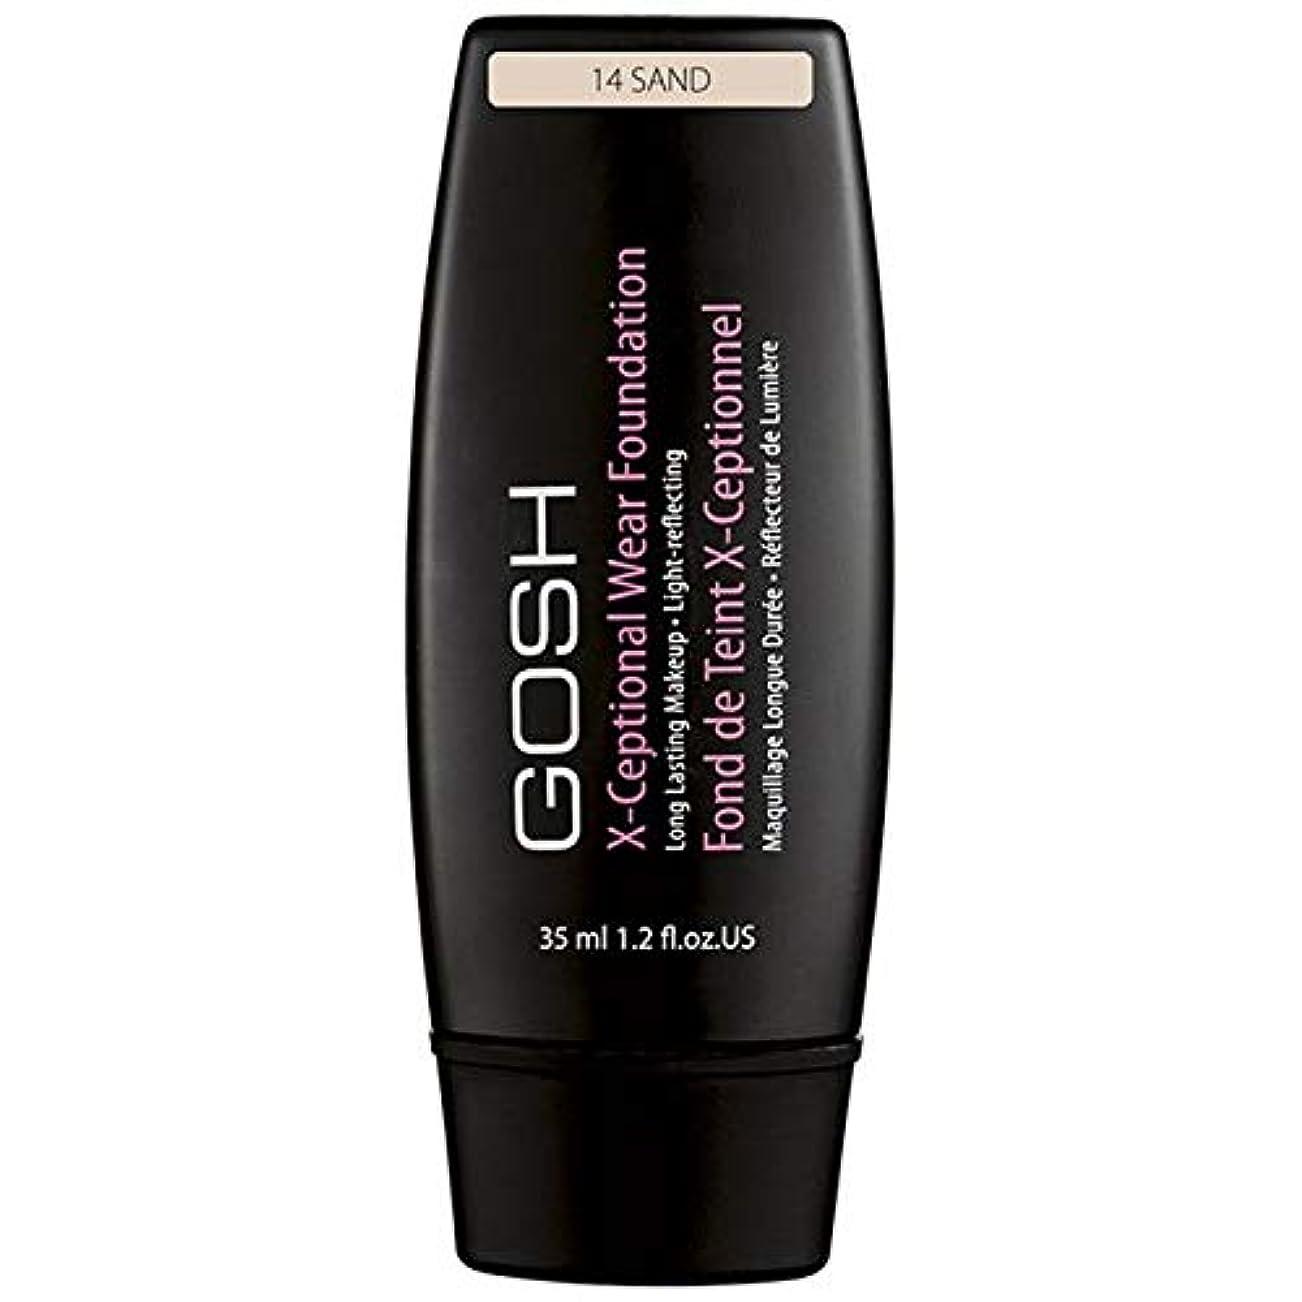 汚物懲戒硫黄[GOSH ] おやっX-Ceptional砂14を構成して着用 - Gosh X-Ceptional Wear Make Up Sand 14 [並行輸入品]